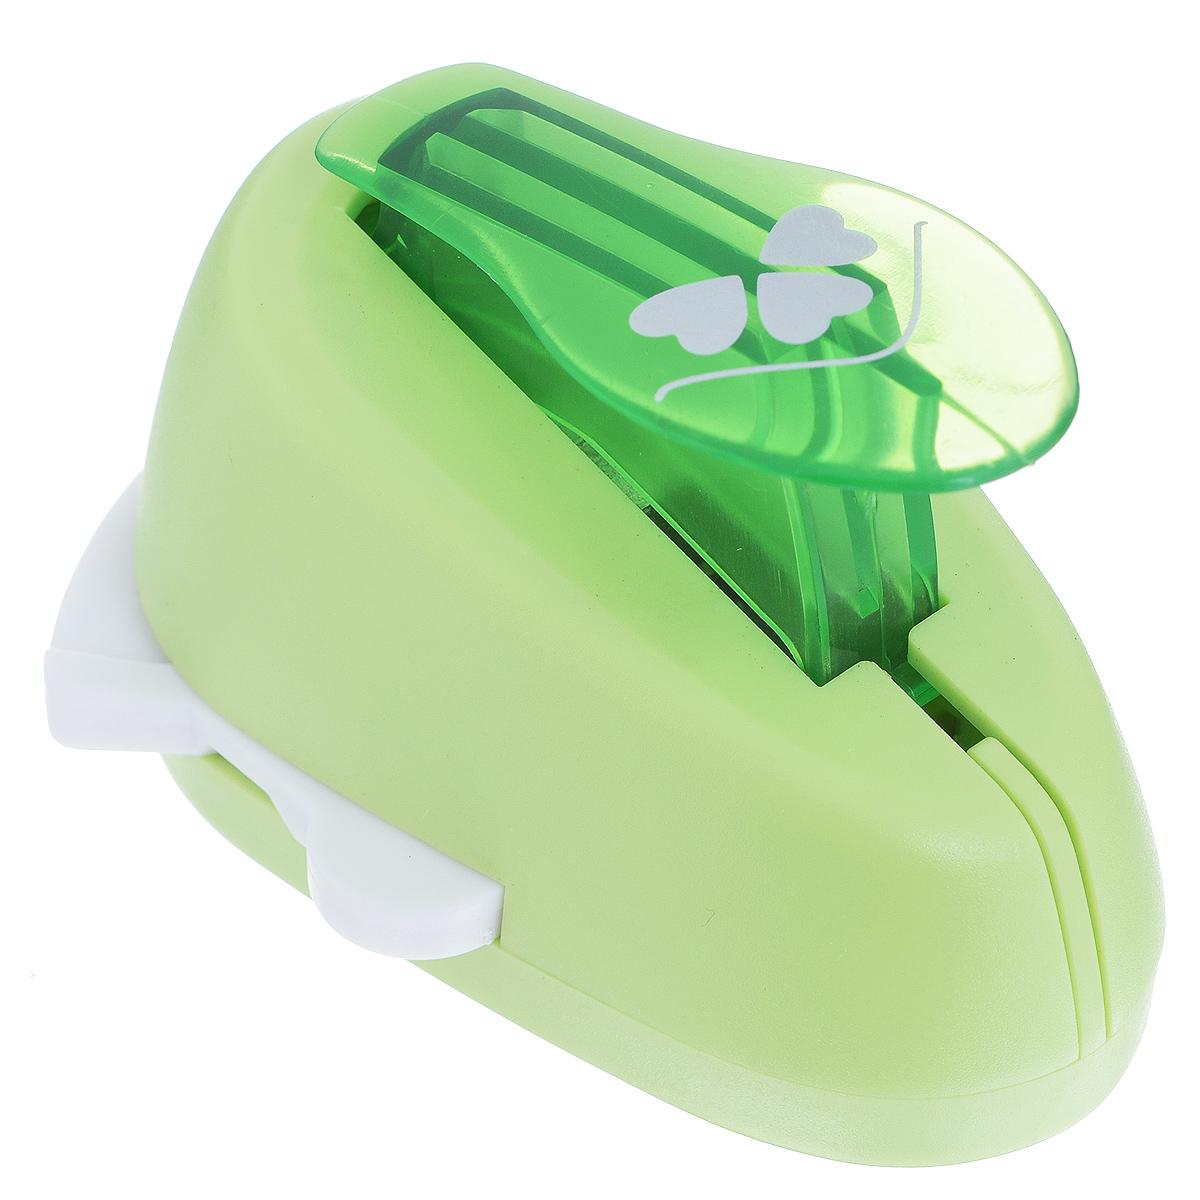 Дырокол фигурный Астра Три сердца, угловой. CD-99MA7709609_28Дырокол Астра Три сердца поможет вам легко, просто и аккуратно вырезать много одинаковых мелких фигурок.Режущие части компостера закрыты пластмассовым корпусом, что обеспечивает безопасность для детей. Вырезанные фигурки накапливаются в специальном резервуаре. Можно использовать вырезанные мотивы как конфетти или для наклеивания. Угловой дырокол подходит для разных техник: декупажа, скрапбукинга, декорирования.Размер дырокола: 8 см х 6 см х 5 см. Размер готовой фигурки: 2,5 см х 1,5 см.